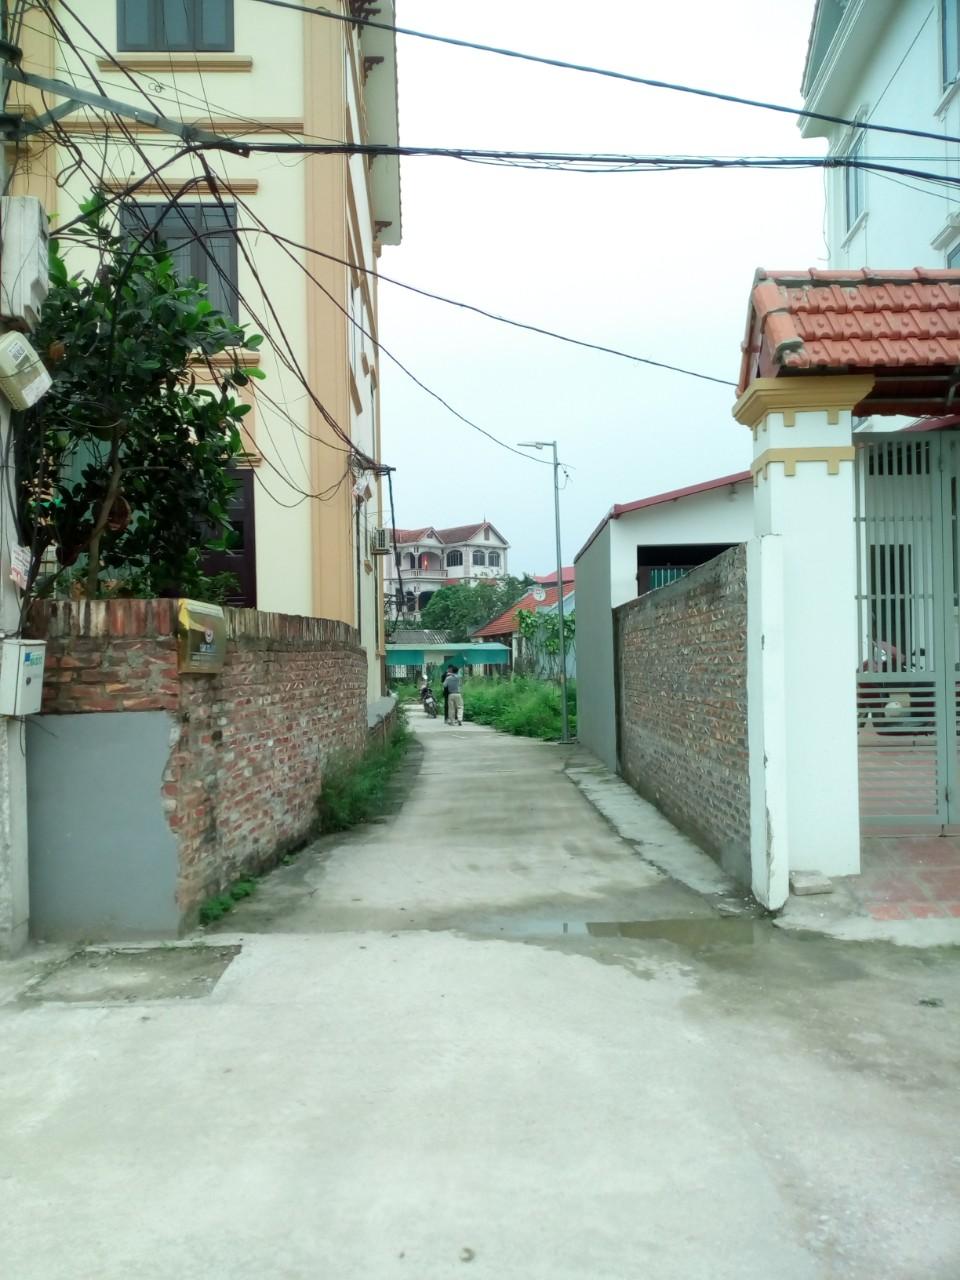 Cần bán gấp lô đất 52.8m2 tại Thôn Ngọc Động, Xã Đa Tốn, H. Gia Lâm. Hà Nội.